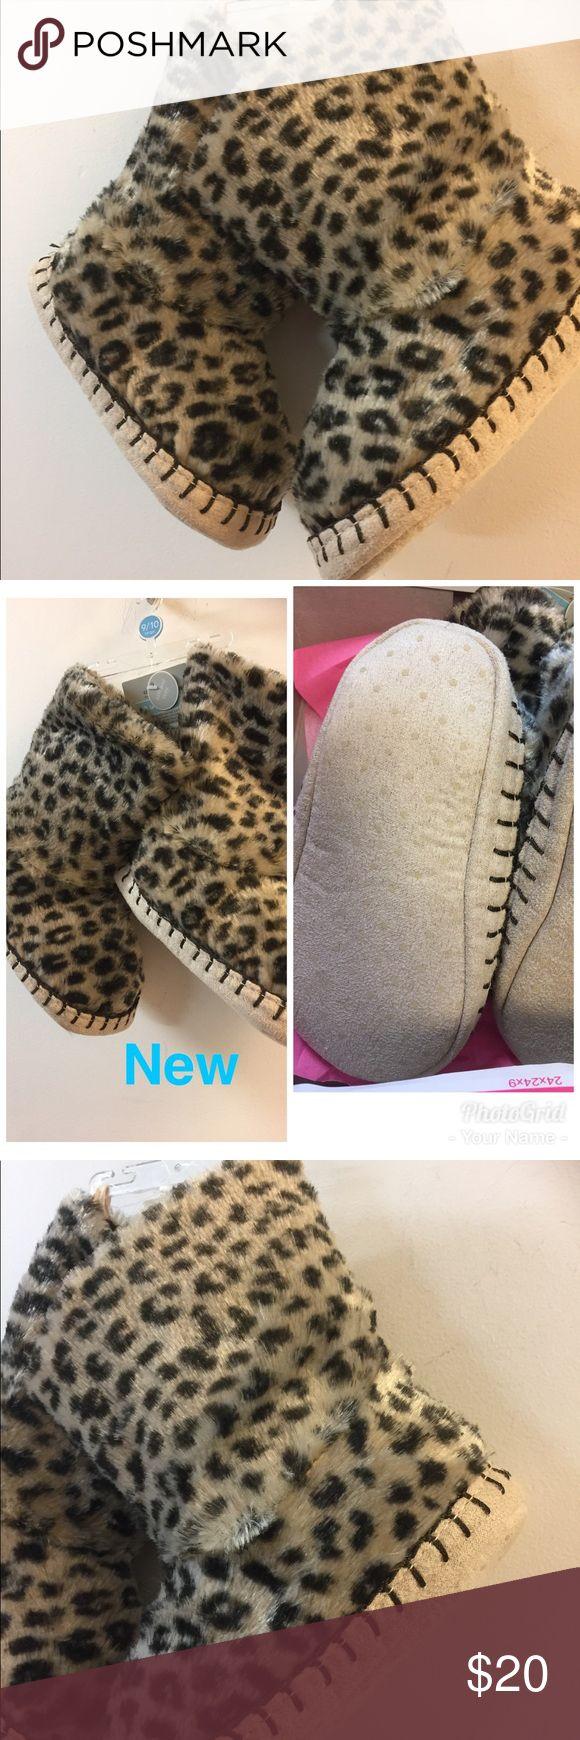 Faux fur soft slipper toddler sleepwear Very soft and cozy Faux fur soft slipper toddler sleepwear Carter's Shoes Baby & Walker